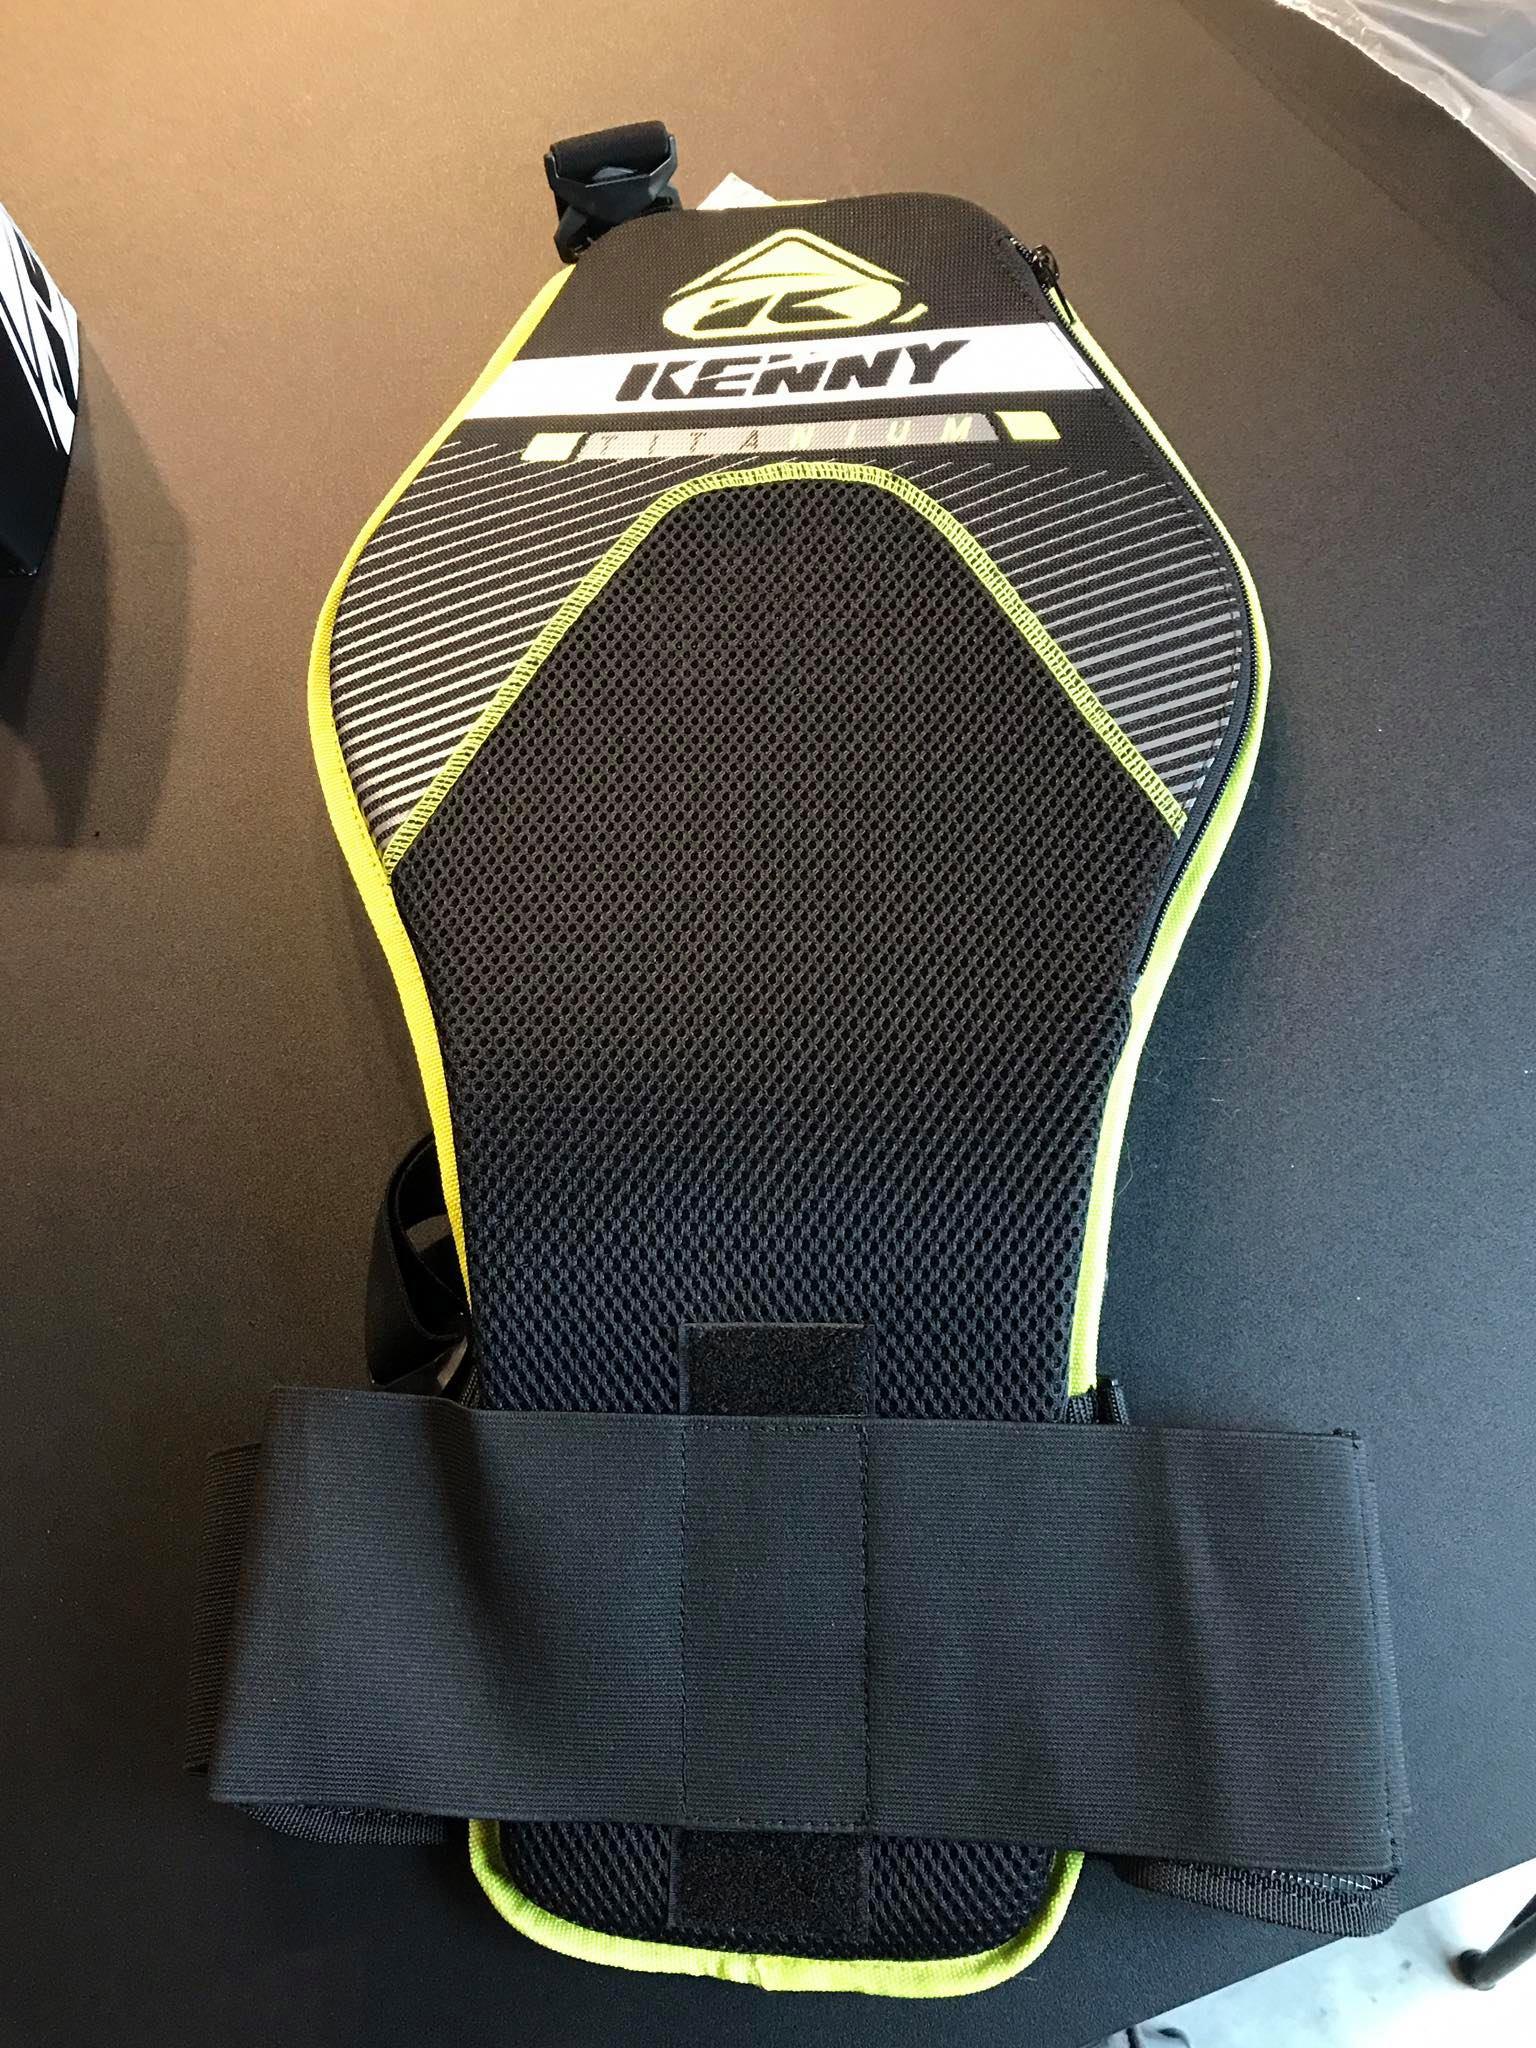 Kenny 2020 Titanium Back Bodyprotector Image